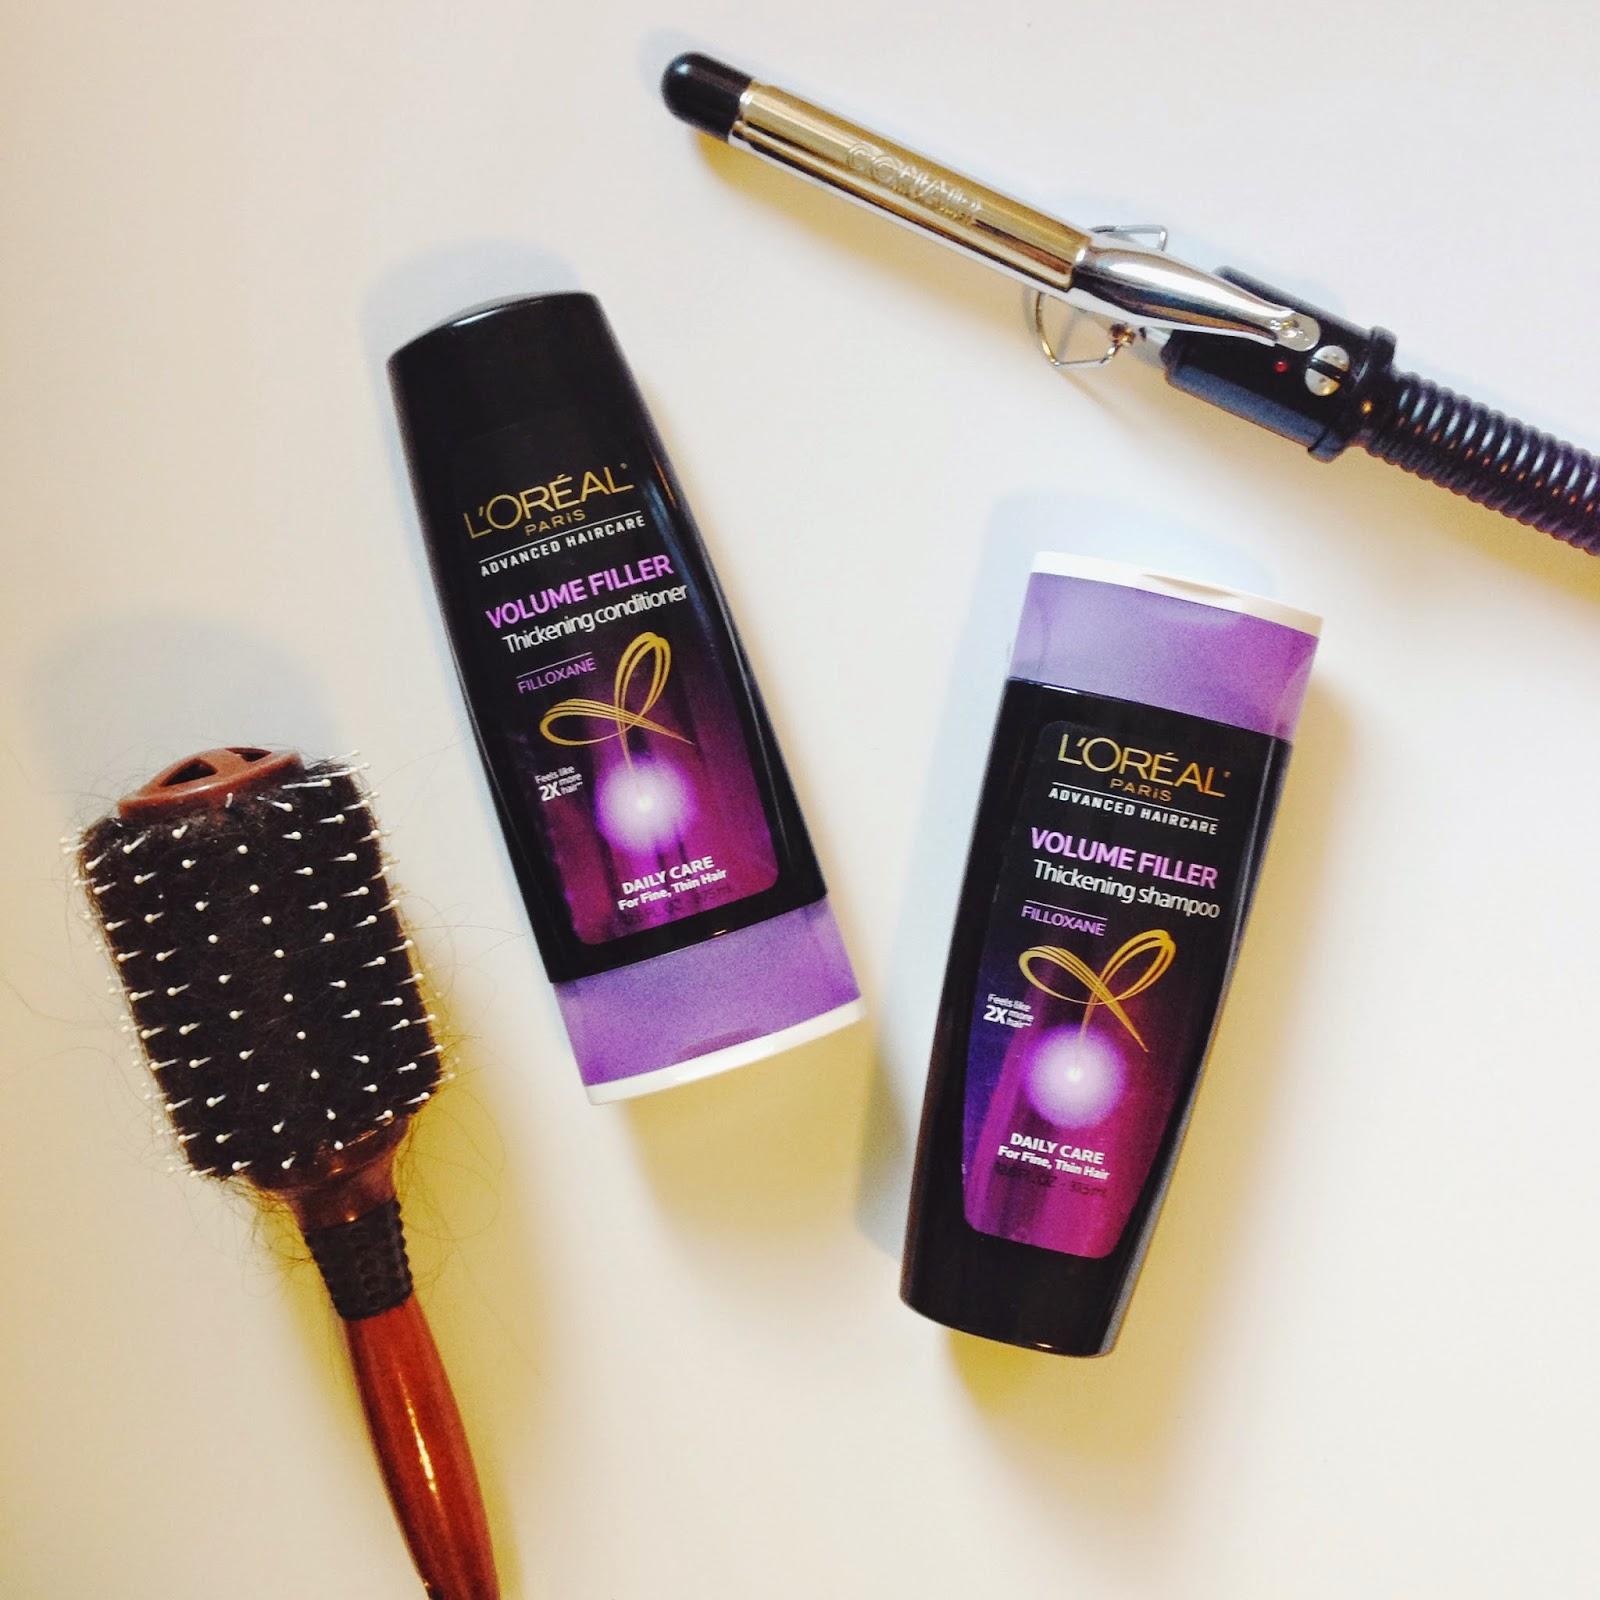 l'oreal advanced haircare, best shampoo thin hair, volume filler